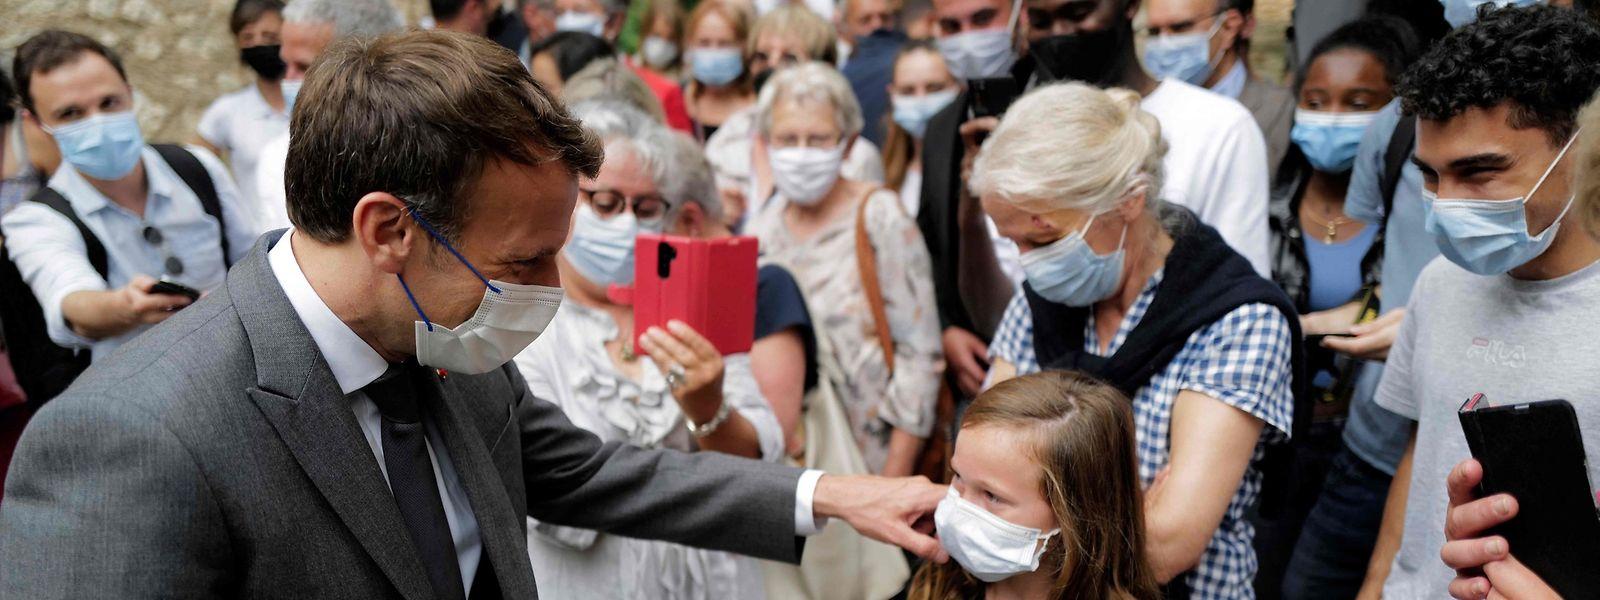 Souhaitant se rapprocher des territoires, le président consacre deux jours de visites actuellement dans le Lot, au sud de la France. Mal lui en a pris...